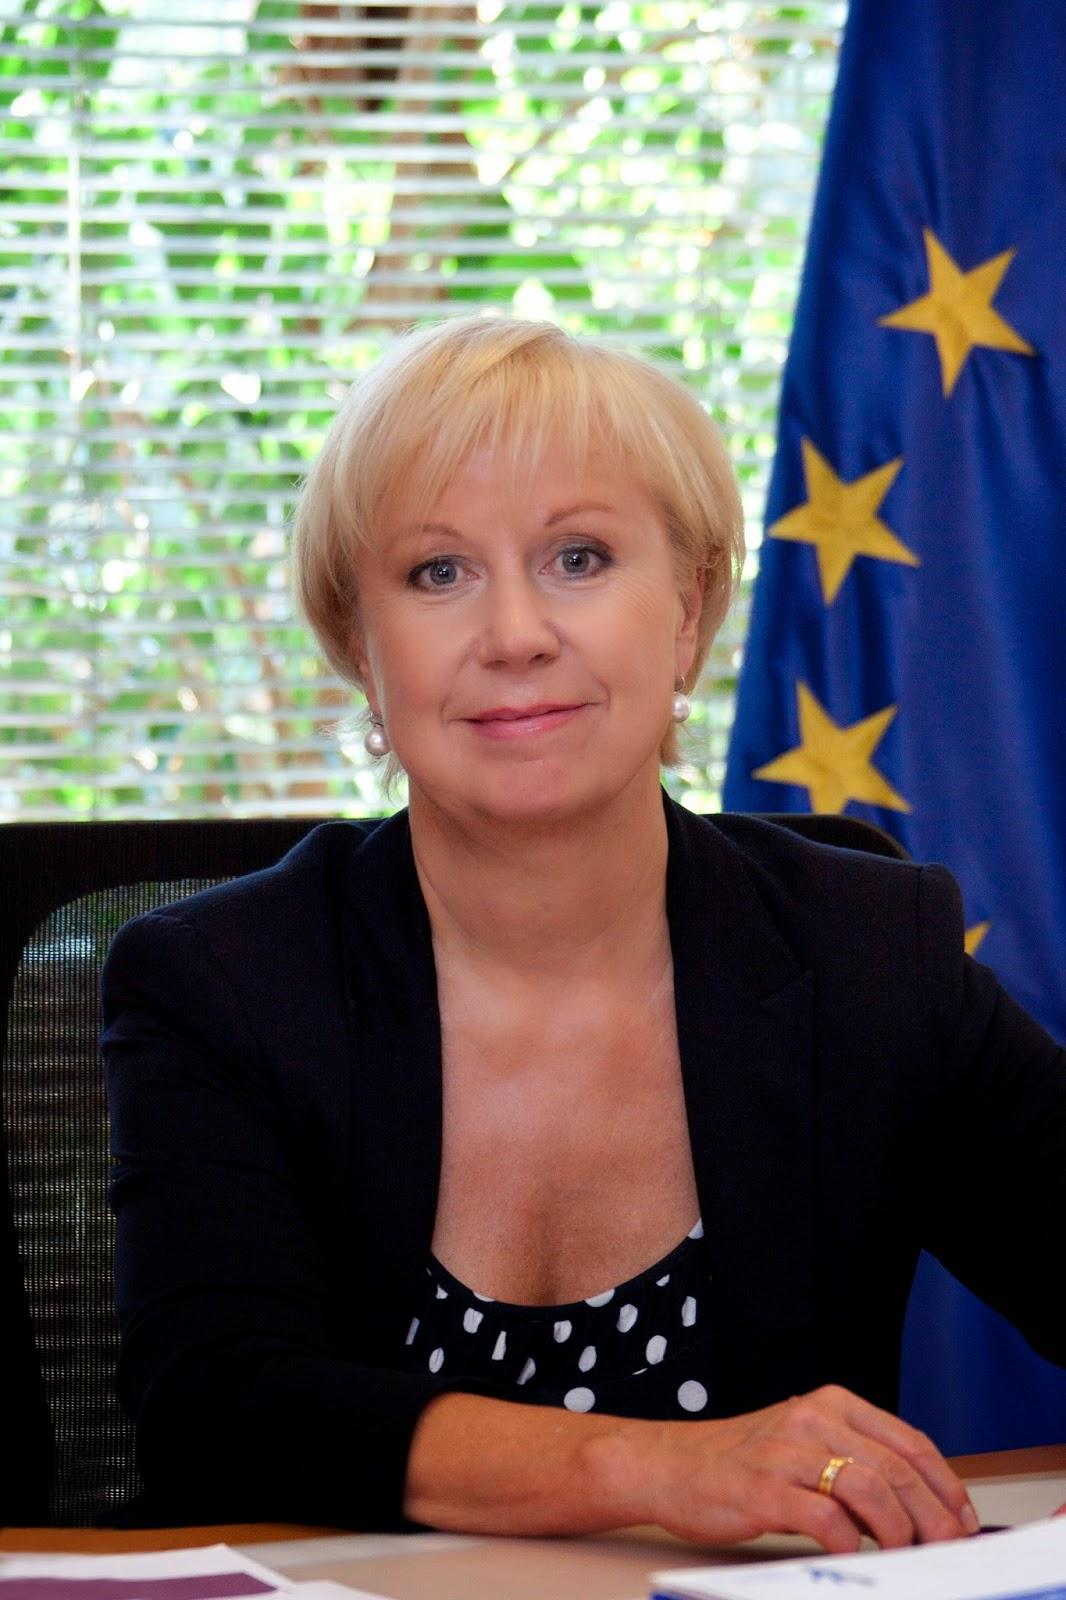 Christa Sedlatschek, Directora de la Agencia Europea para la Seguridad y la Salud en el Trabajo (EU-OSHA